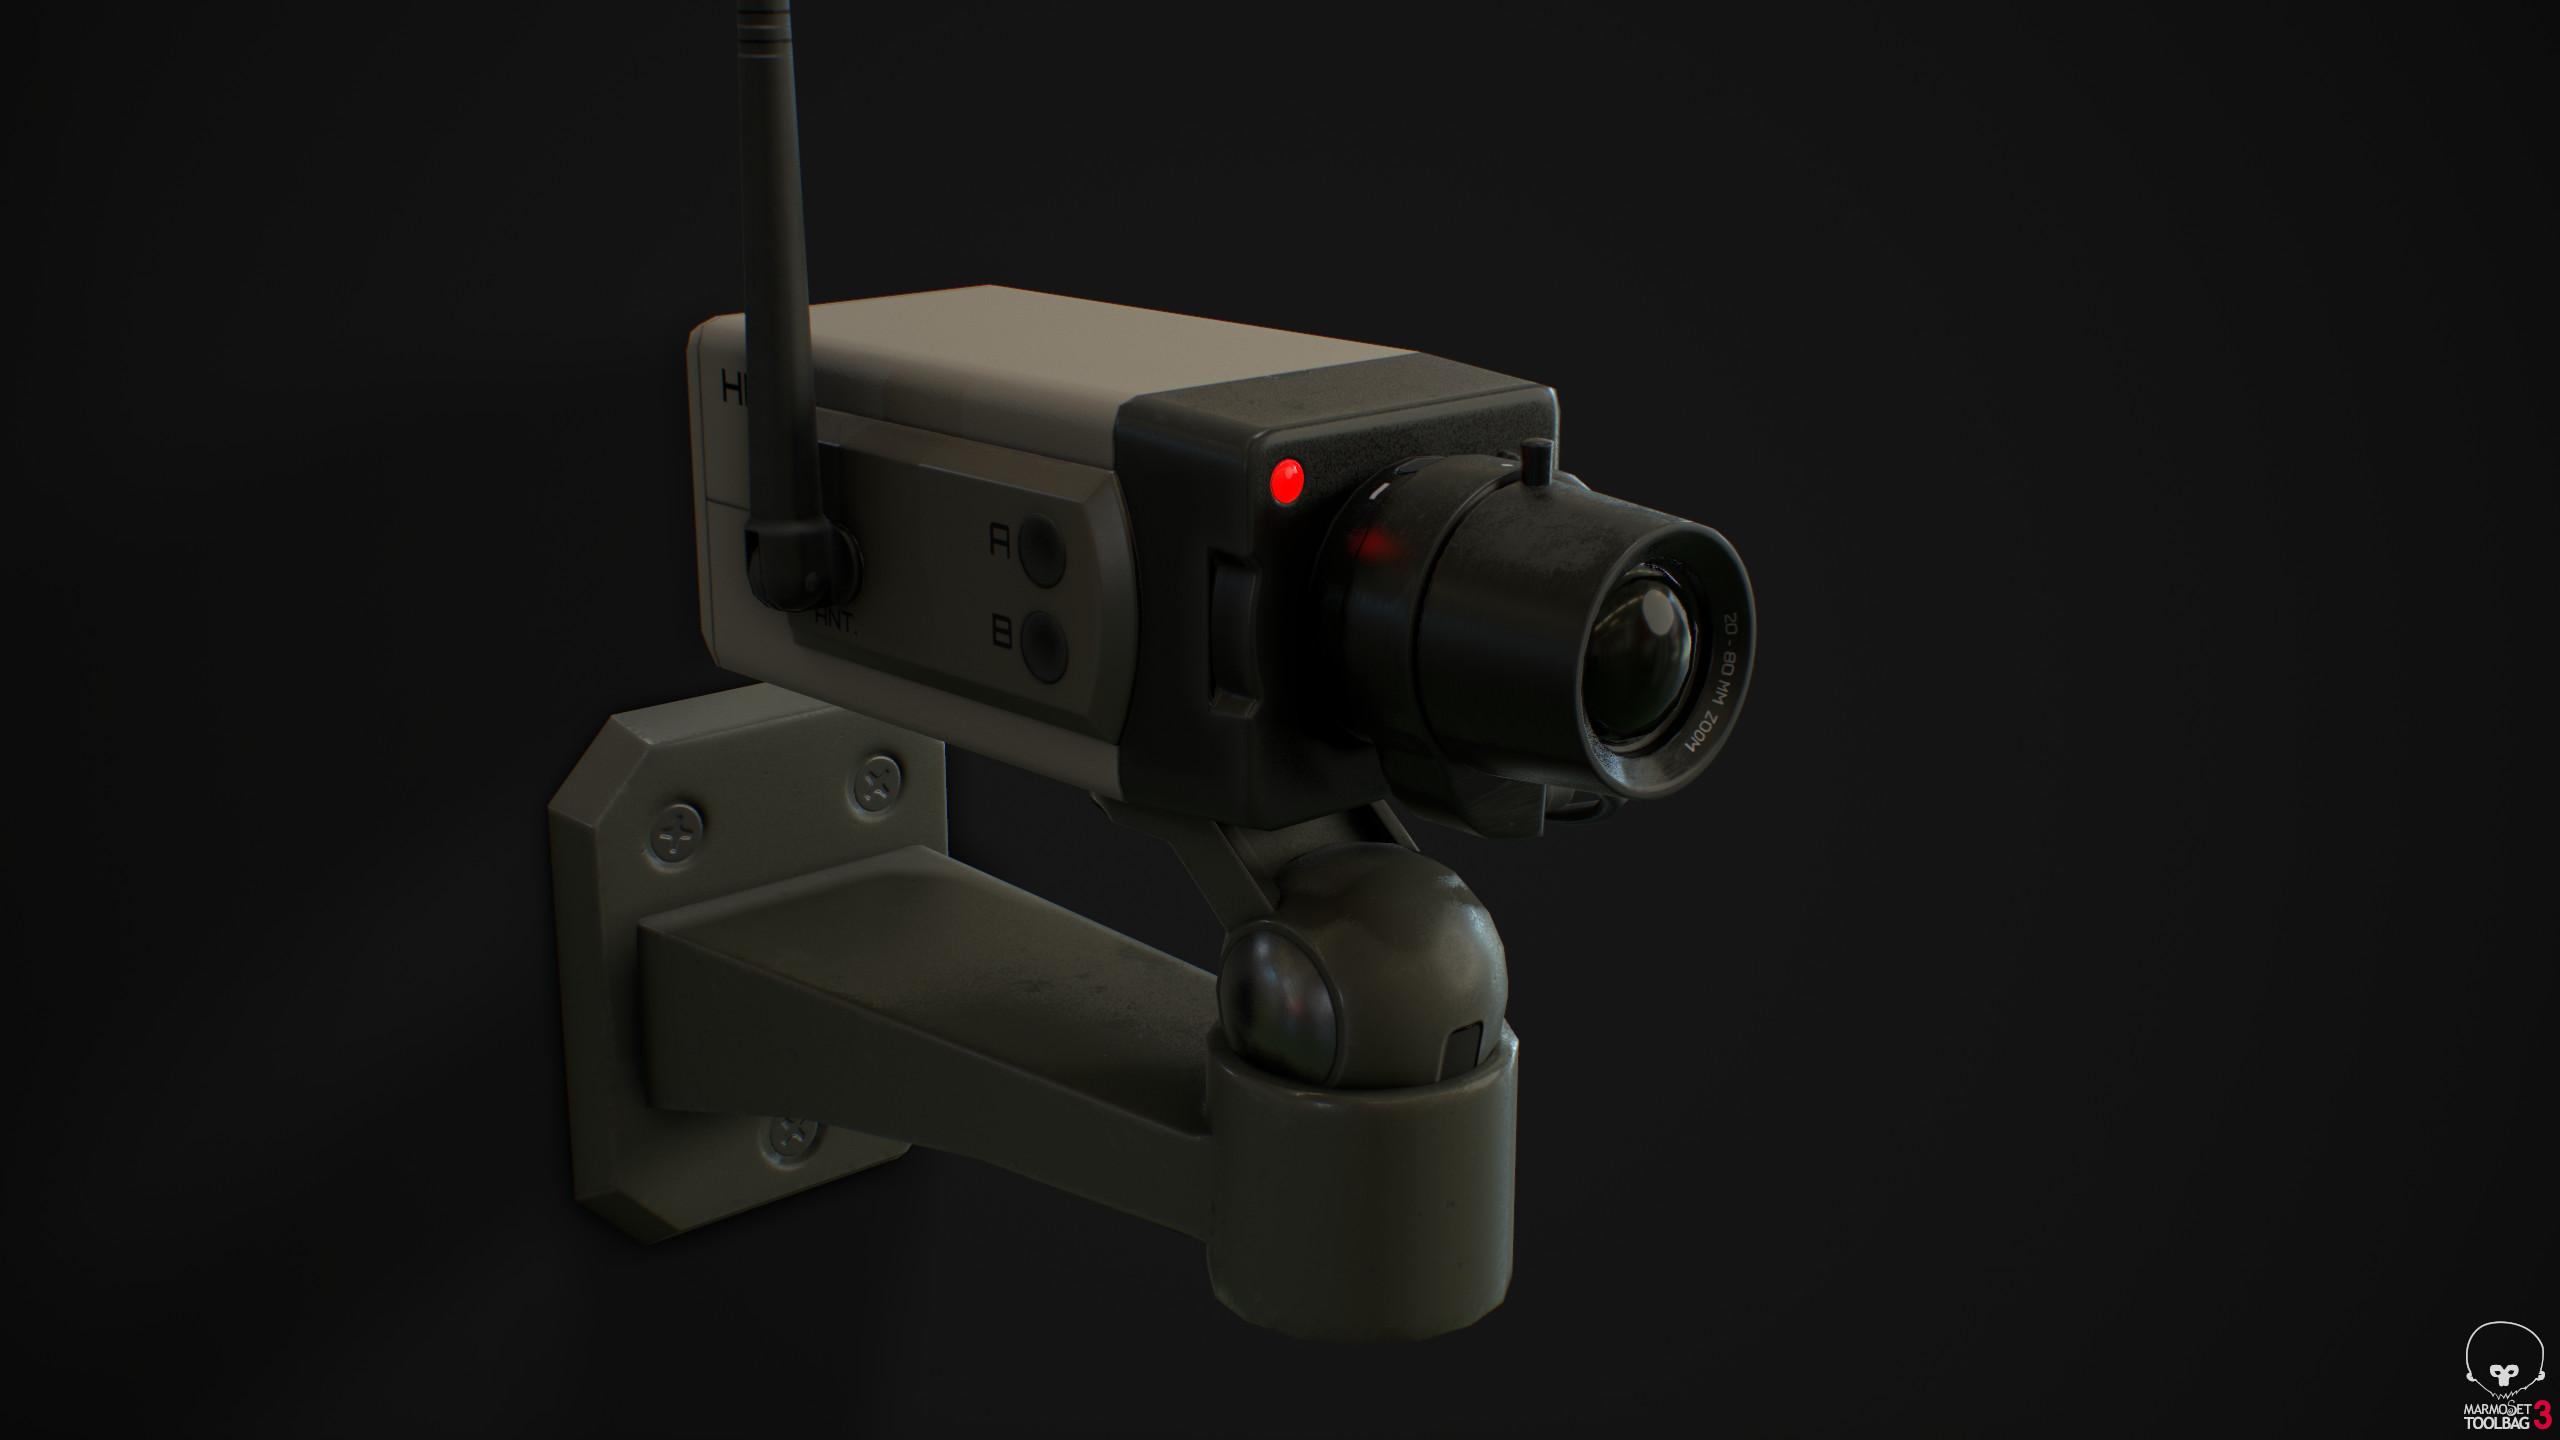 Camera A - Right